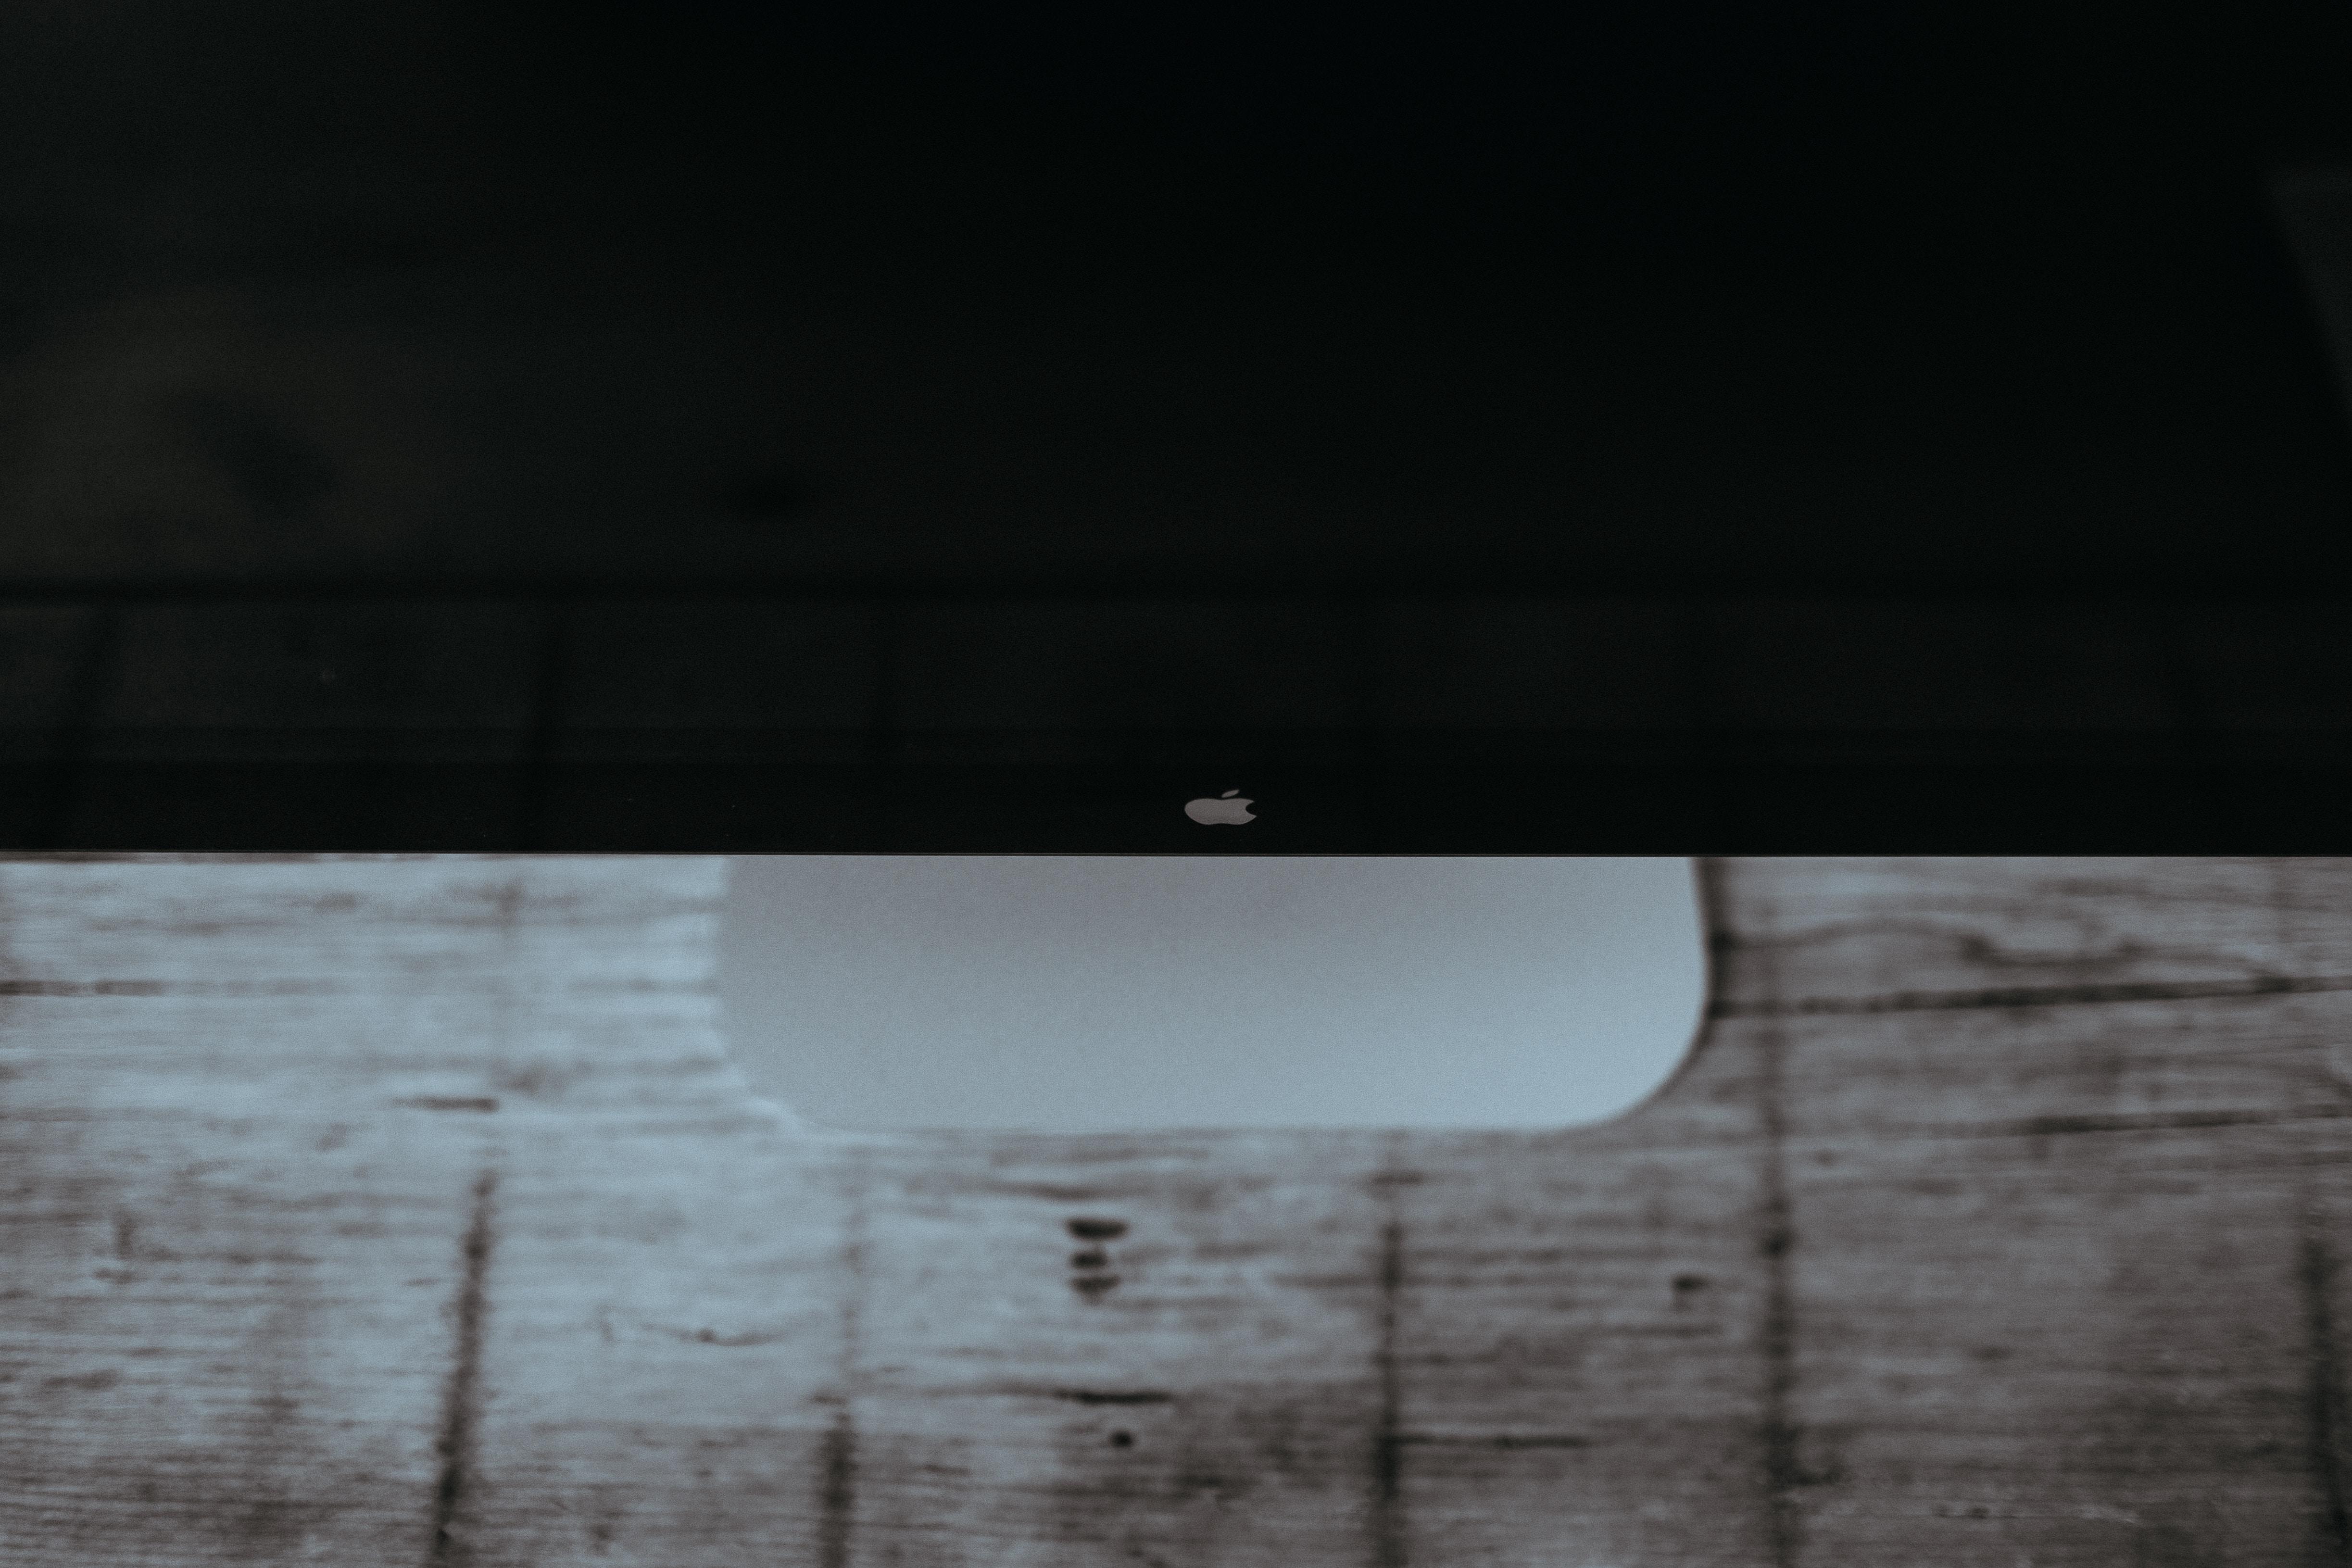 A high-angle shot of an iMac